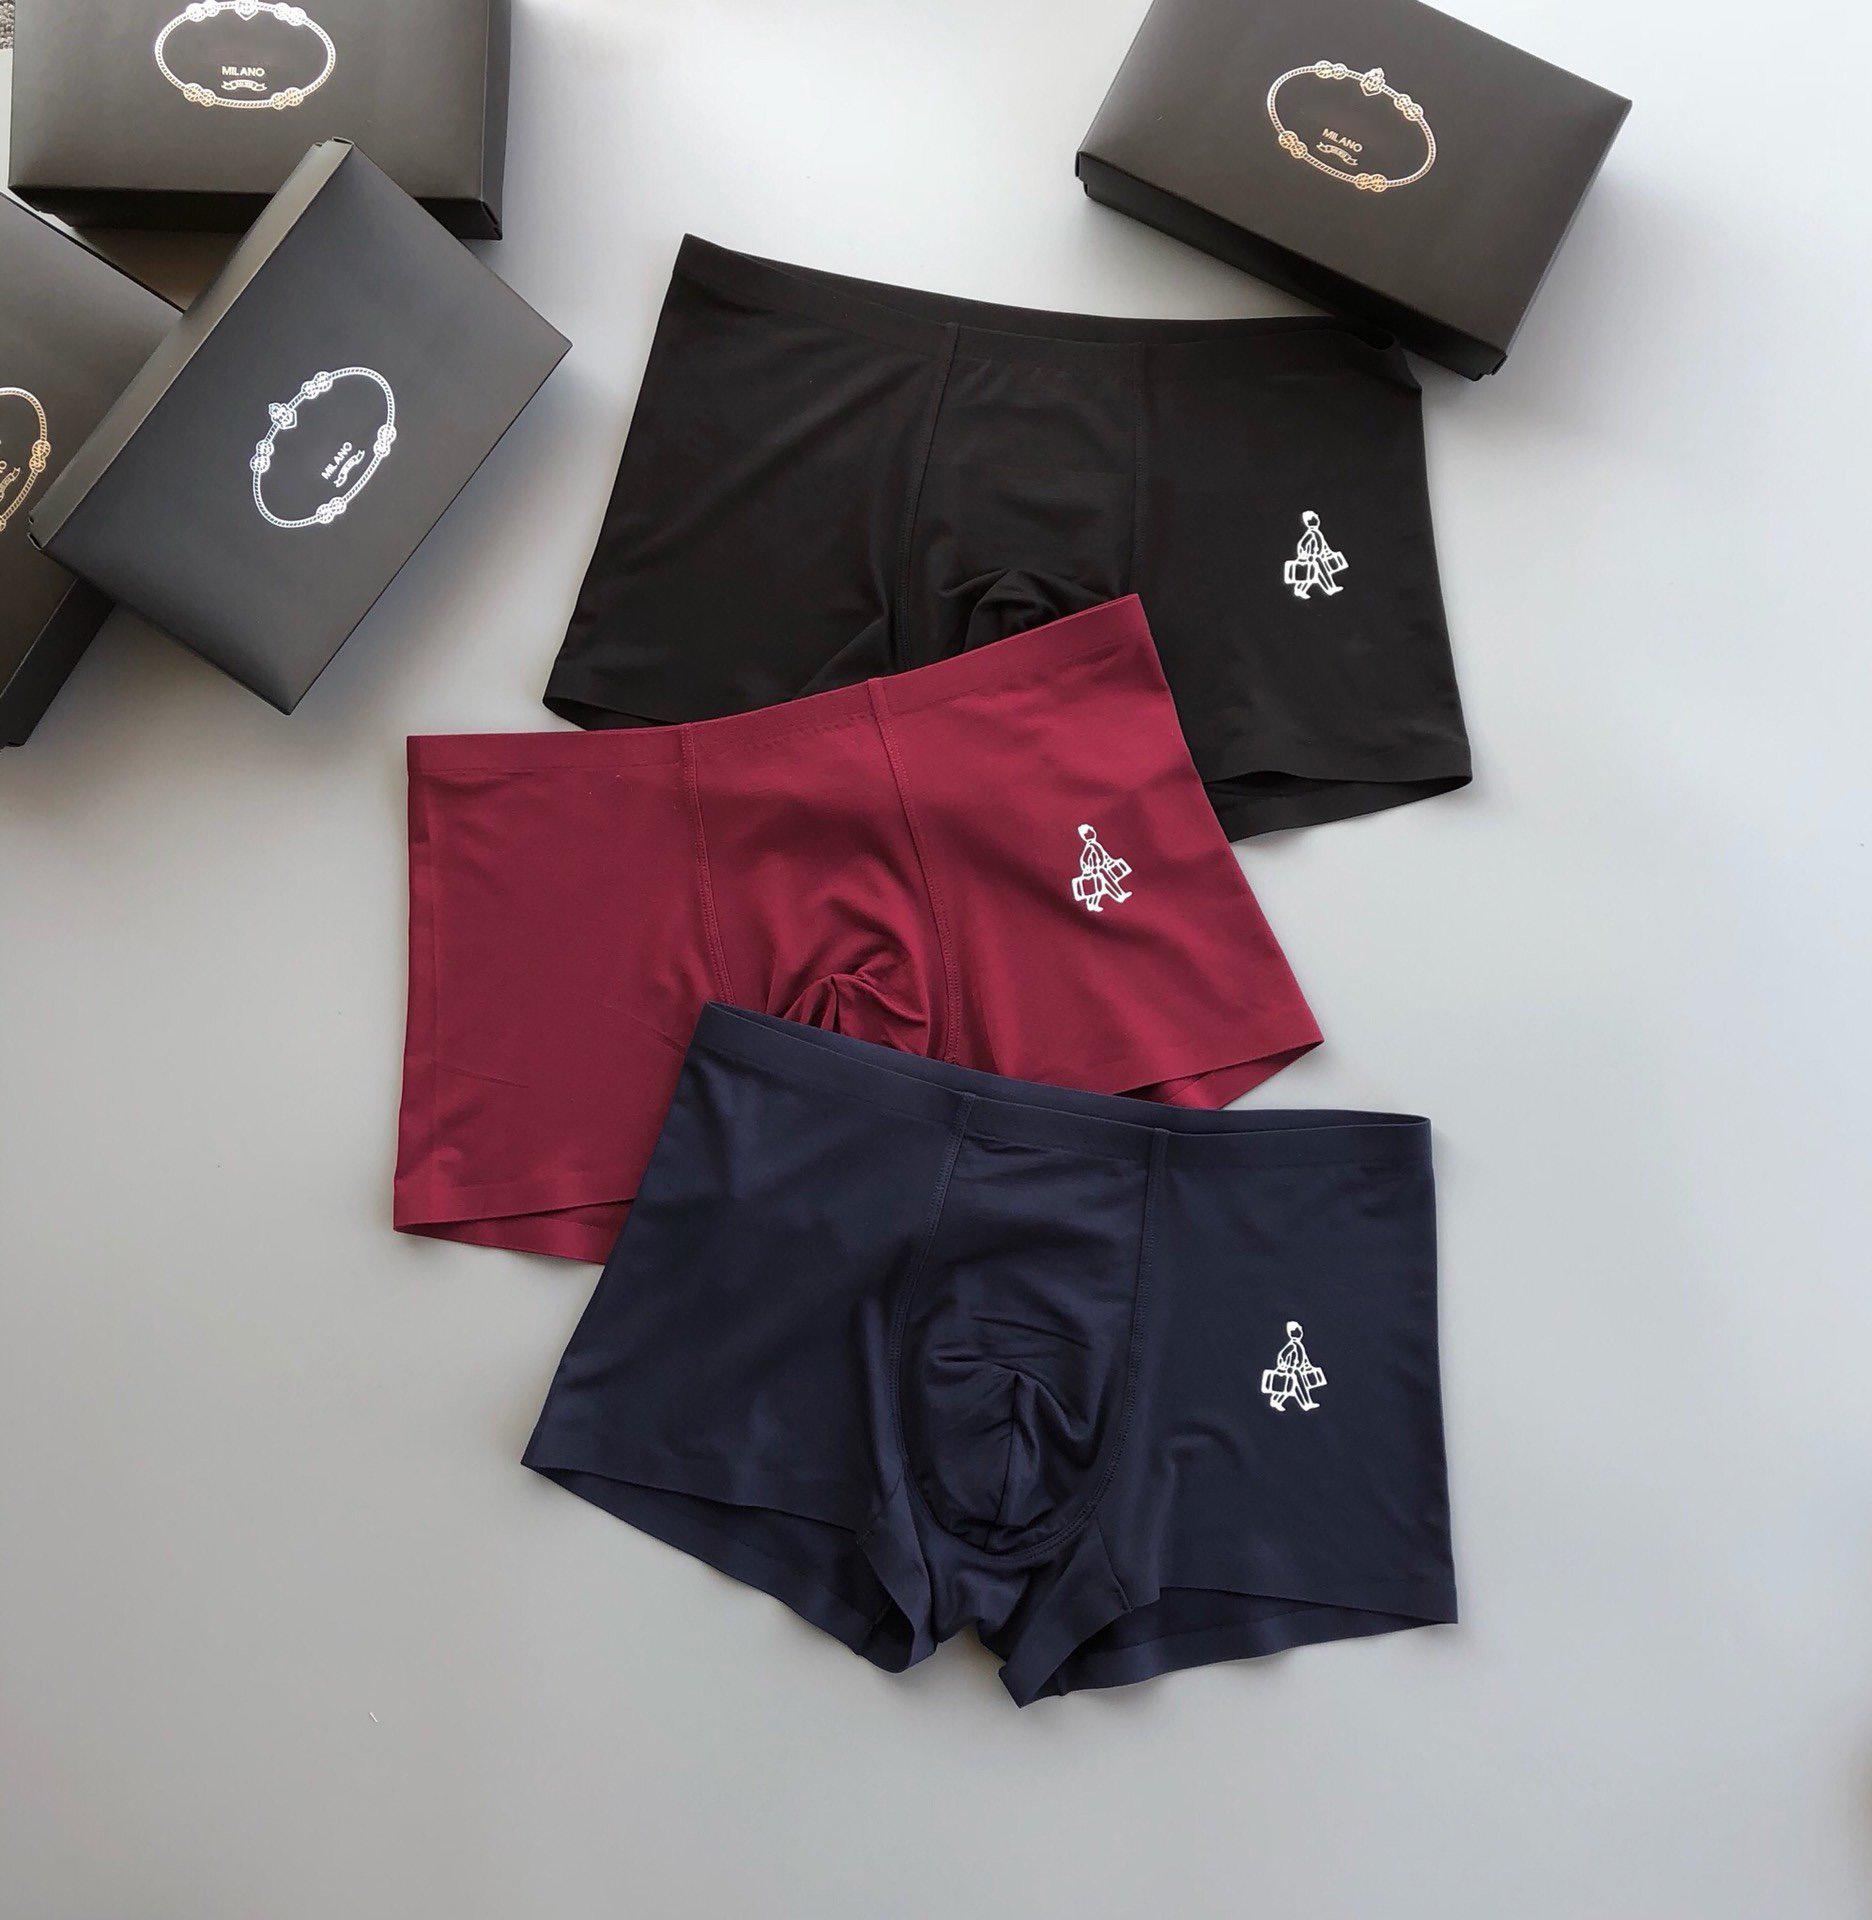 2020 del progettista di marca della biancheria intima stile classico di lusso degli uomini di modo di alta qualità Smooth Fit No Curling Una scatola di tre 3 colori M-3XL